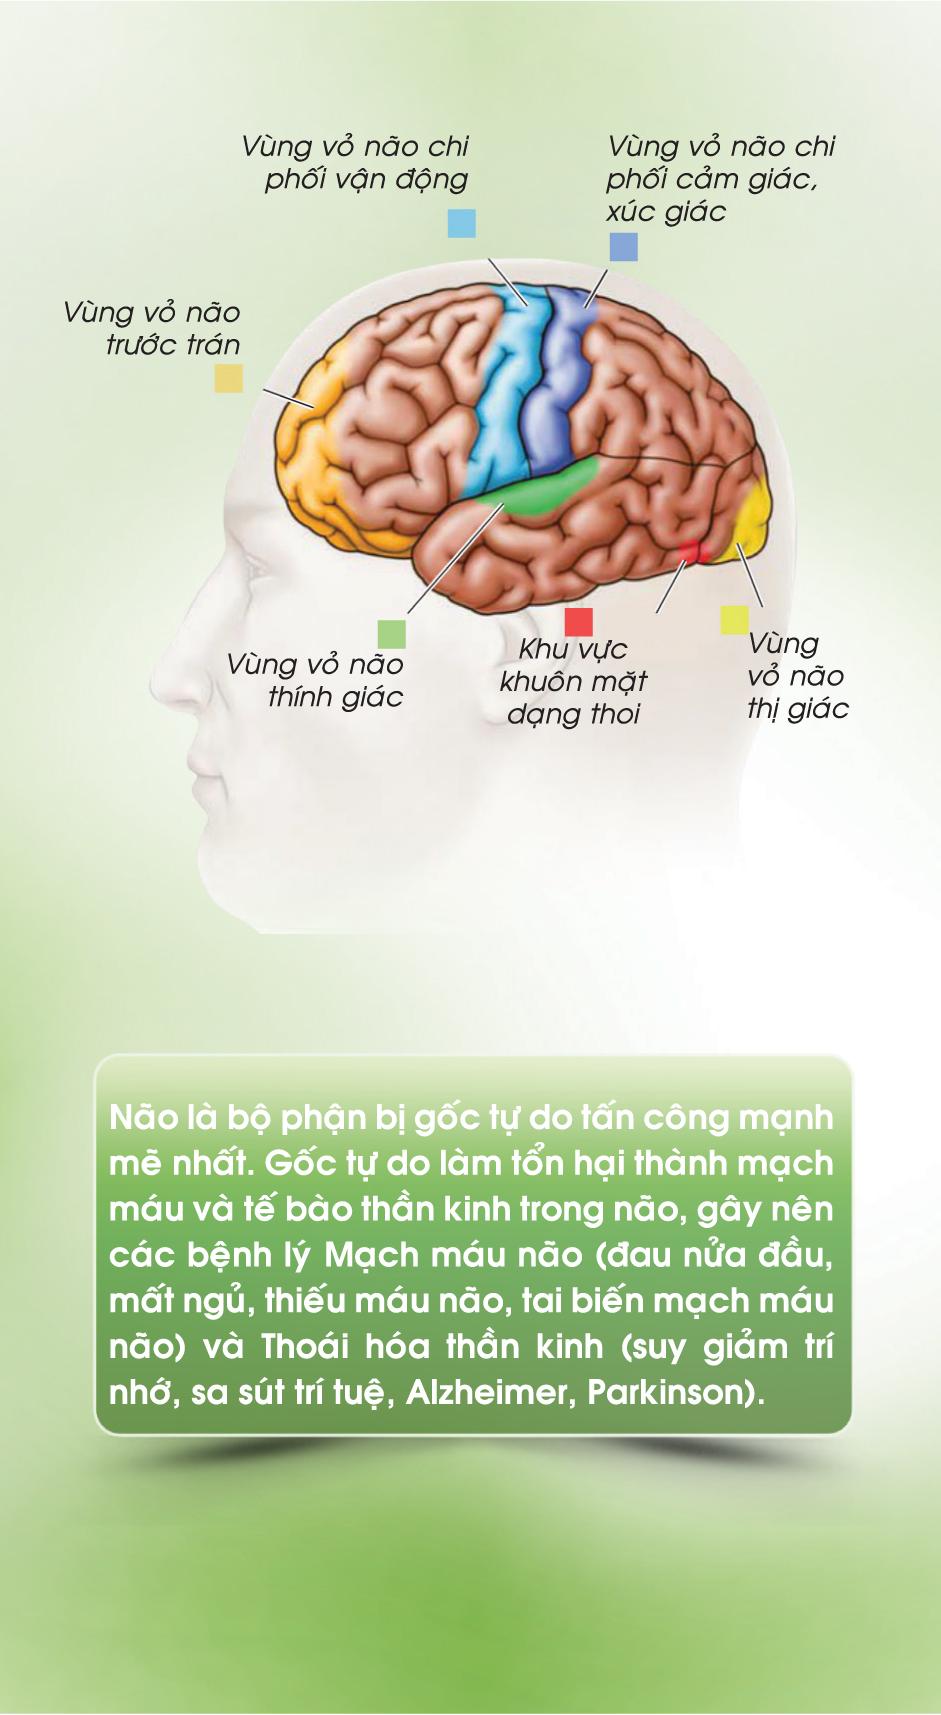 thường xuyên trò chuyện giúp bệnh nhân cải thiện trí nhớ